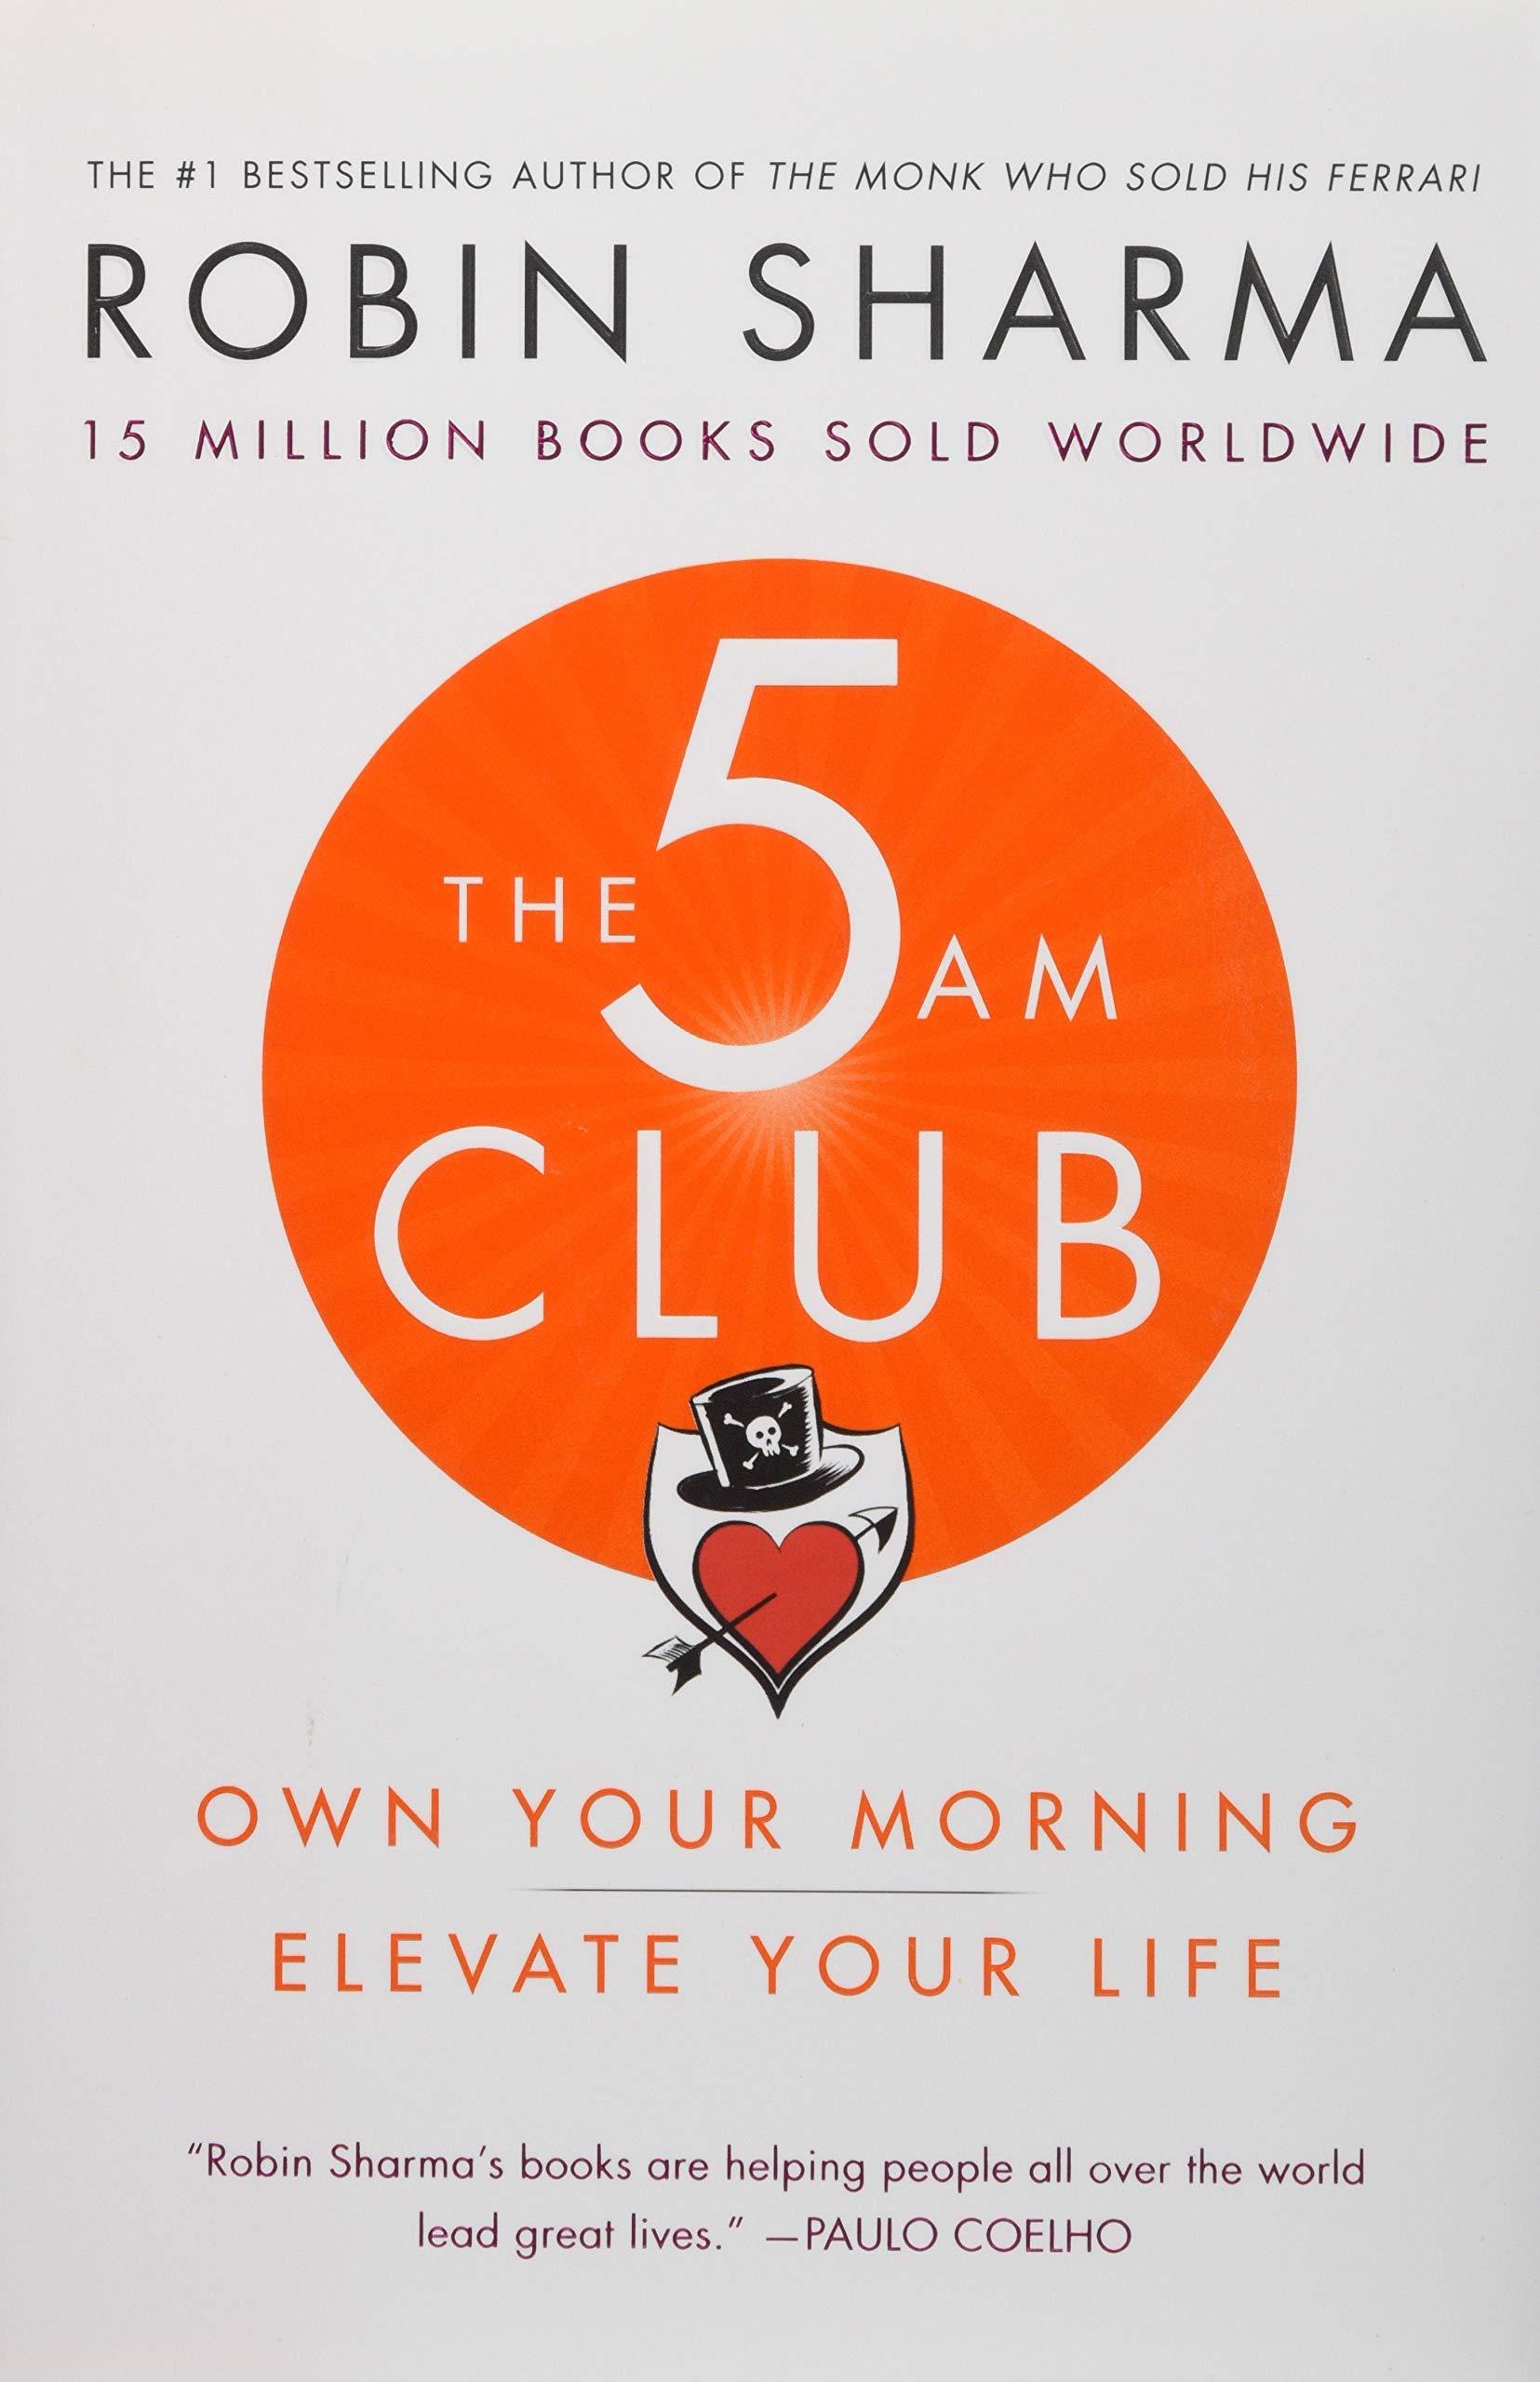 5AM-club.jpg